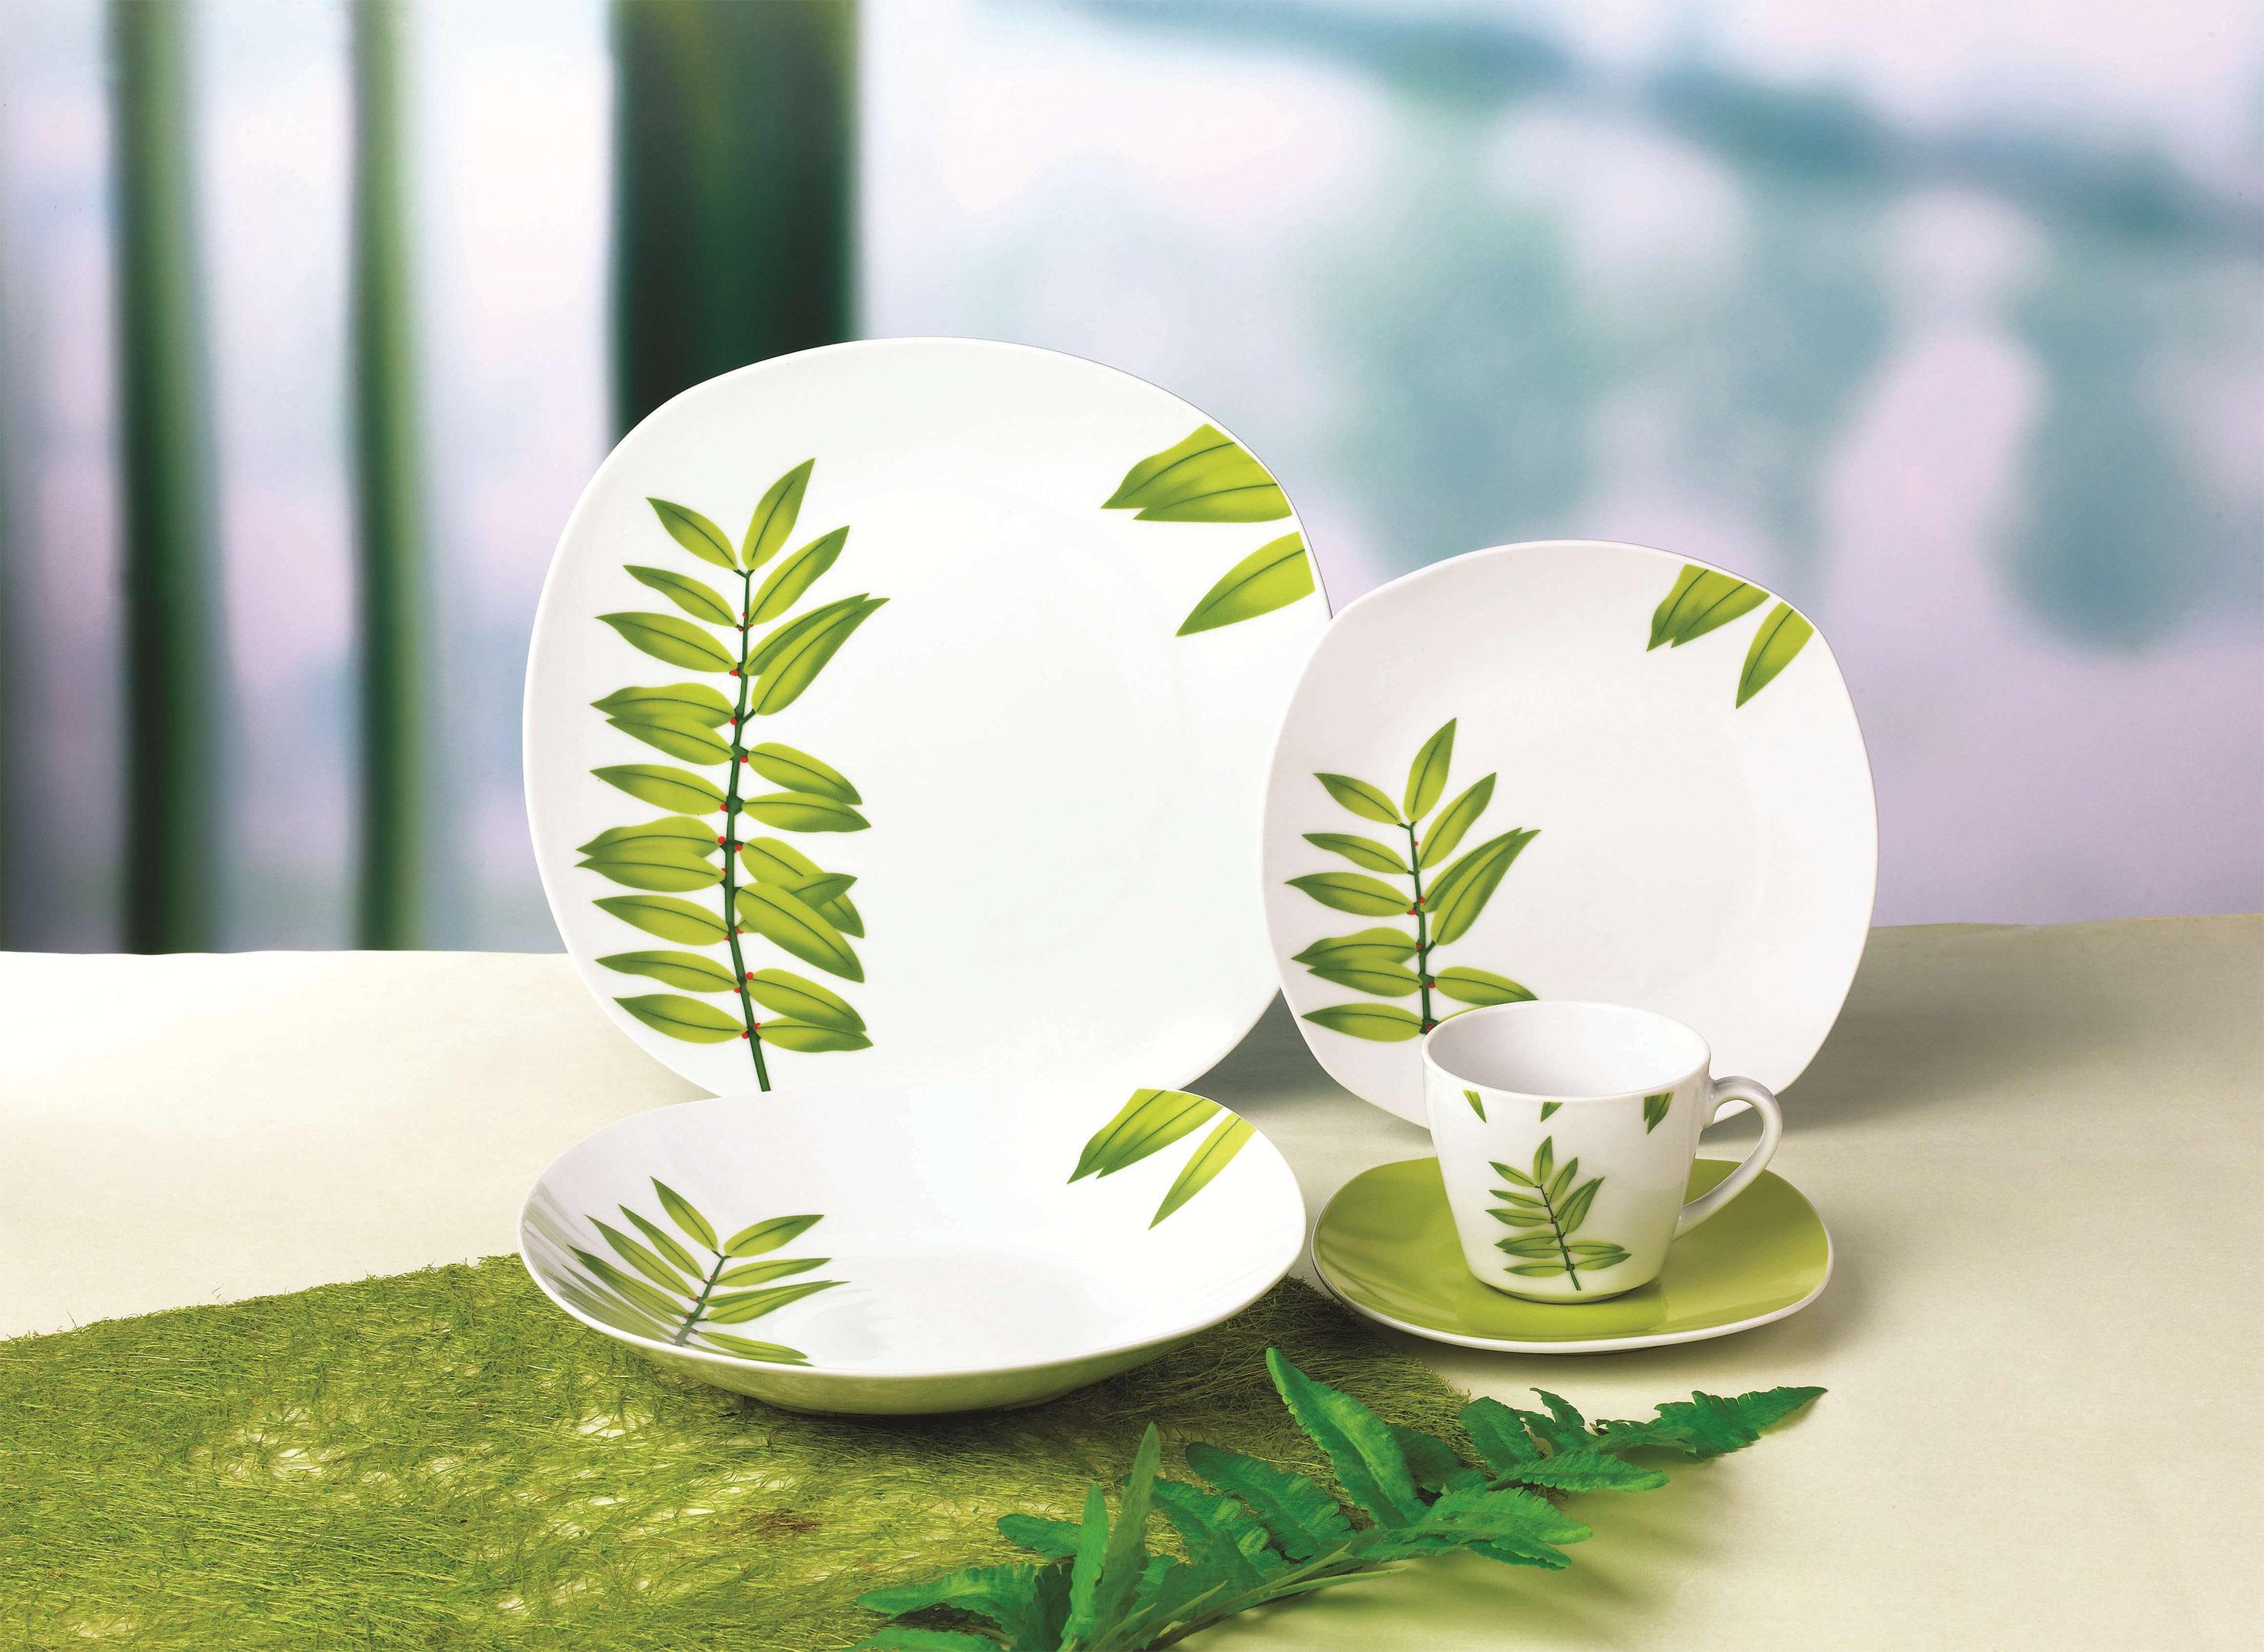 清新小绿叶方型餐具